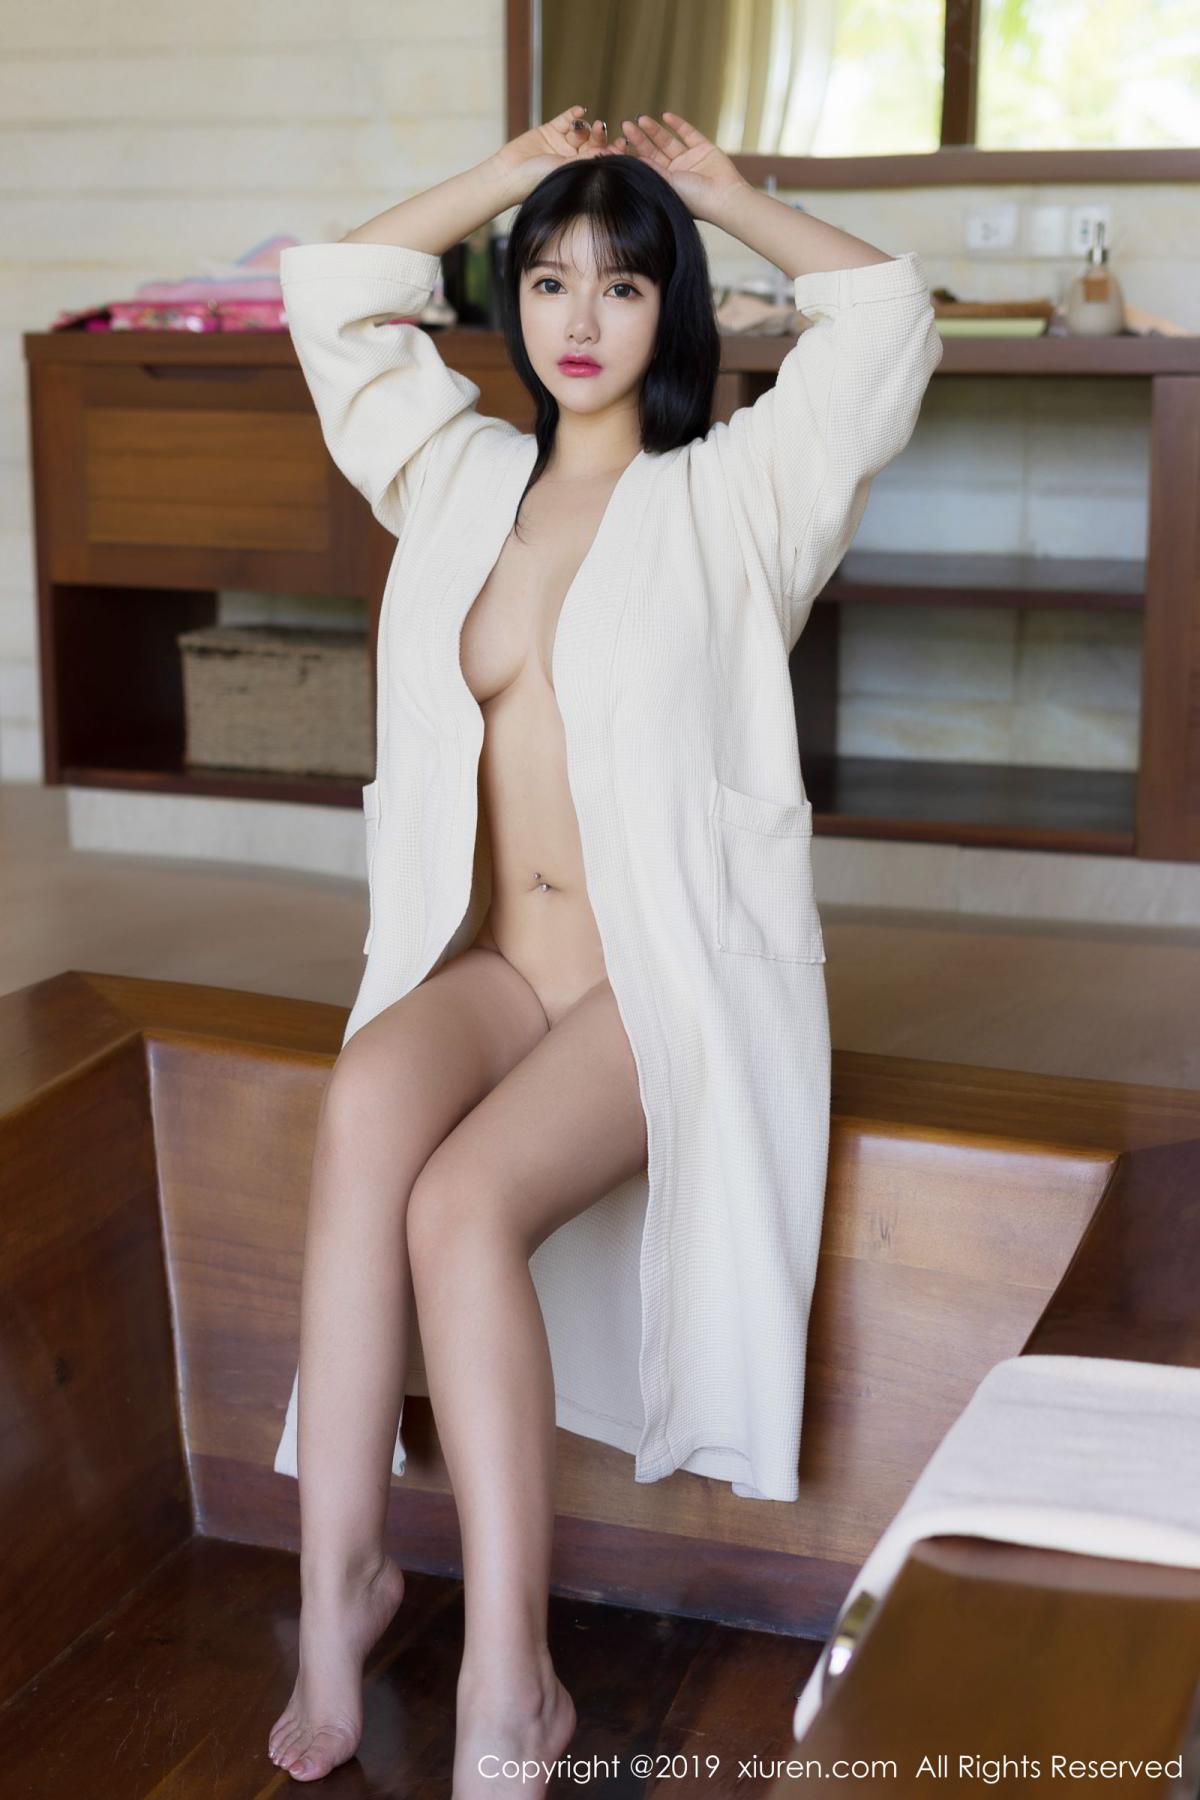 [XiuRen] Vol.1603 Lu Lu Xiao Miao 33P, Lu Lu Xiao Miao, Underwear, Xiuren